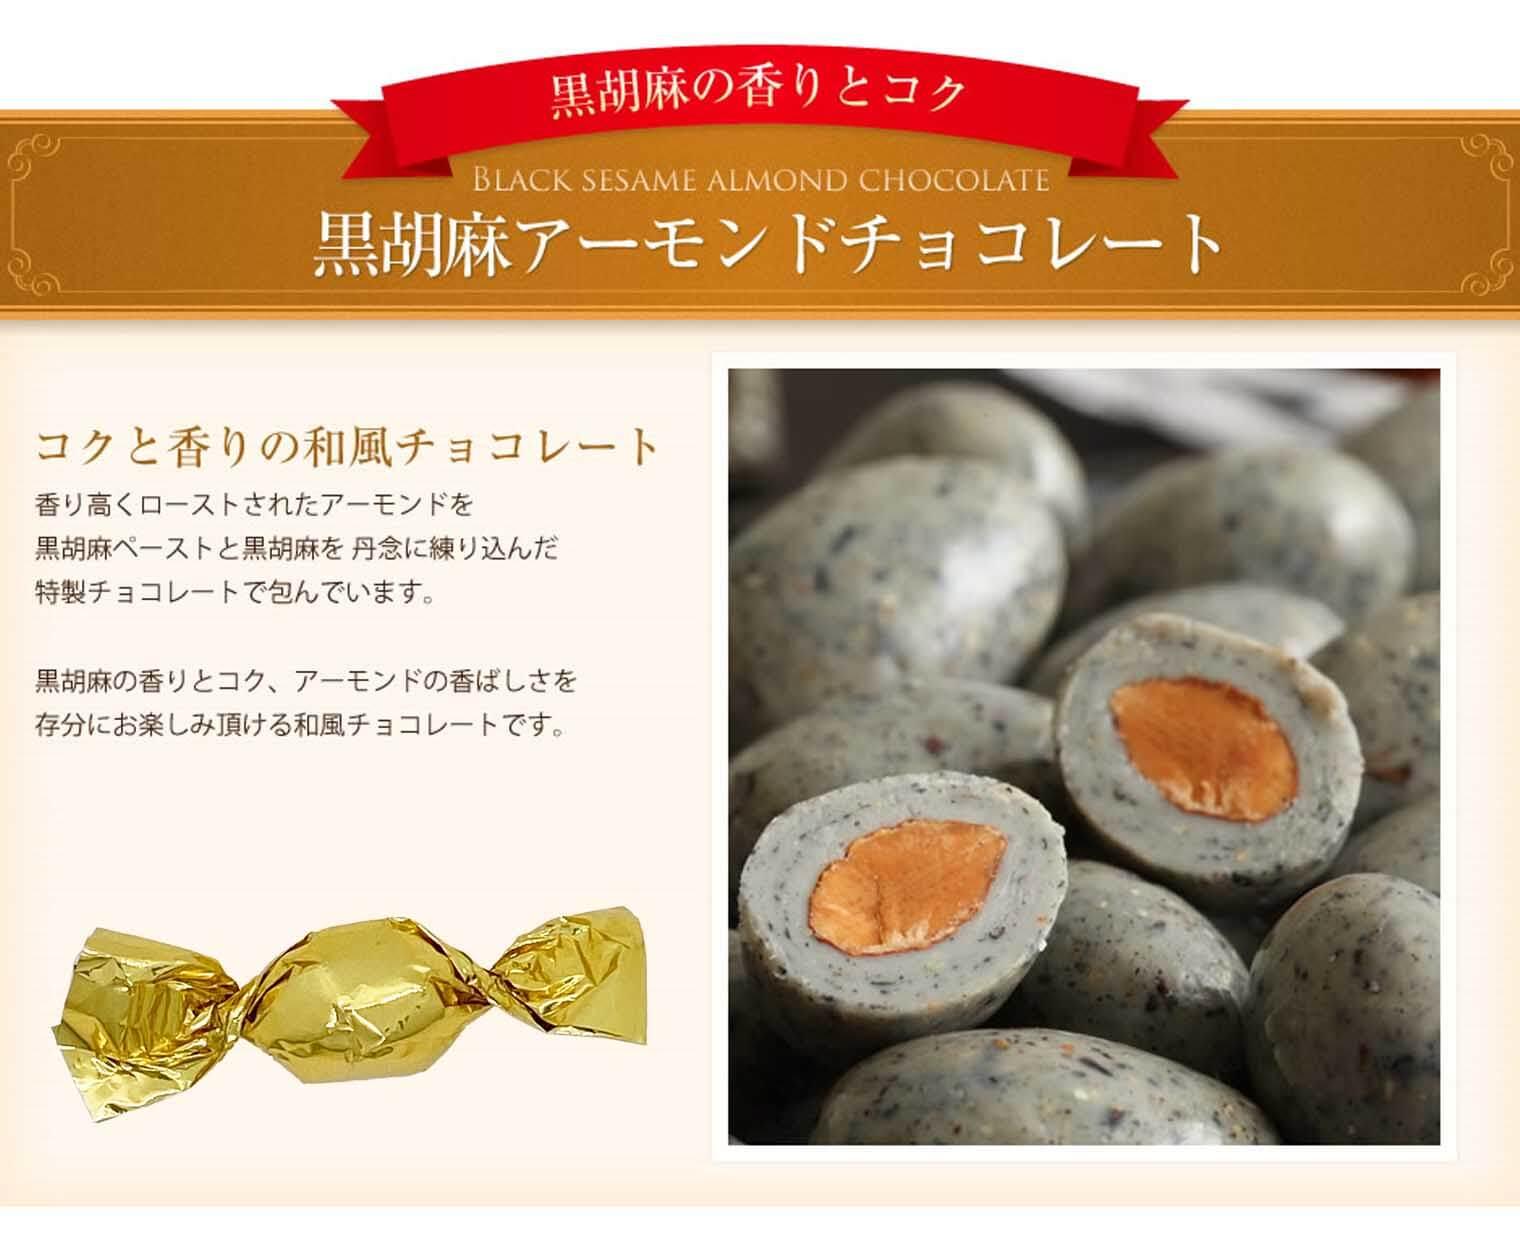 黒胡麻アーモンドチョコレート